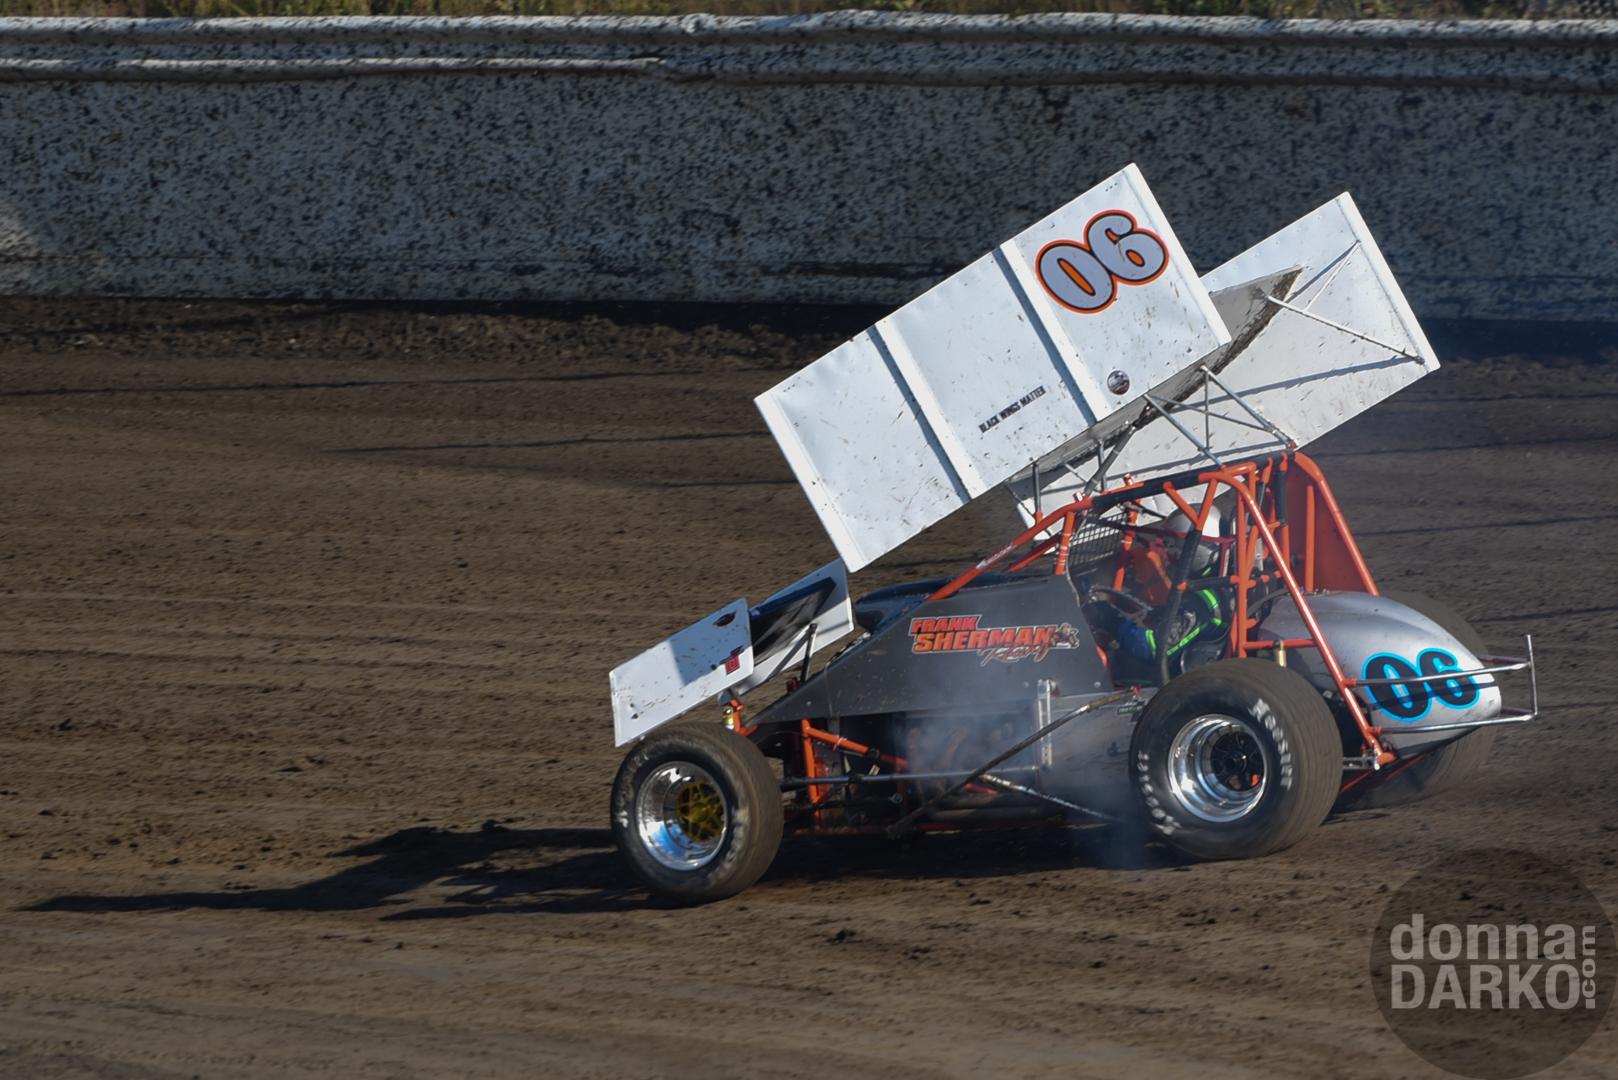 Sagit Speedway 6-8-19 -DSC_5375.jpg